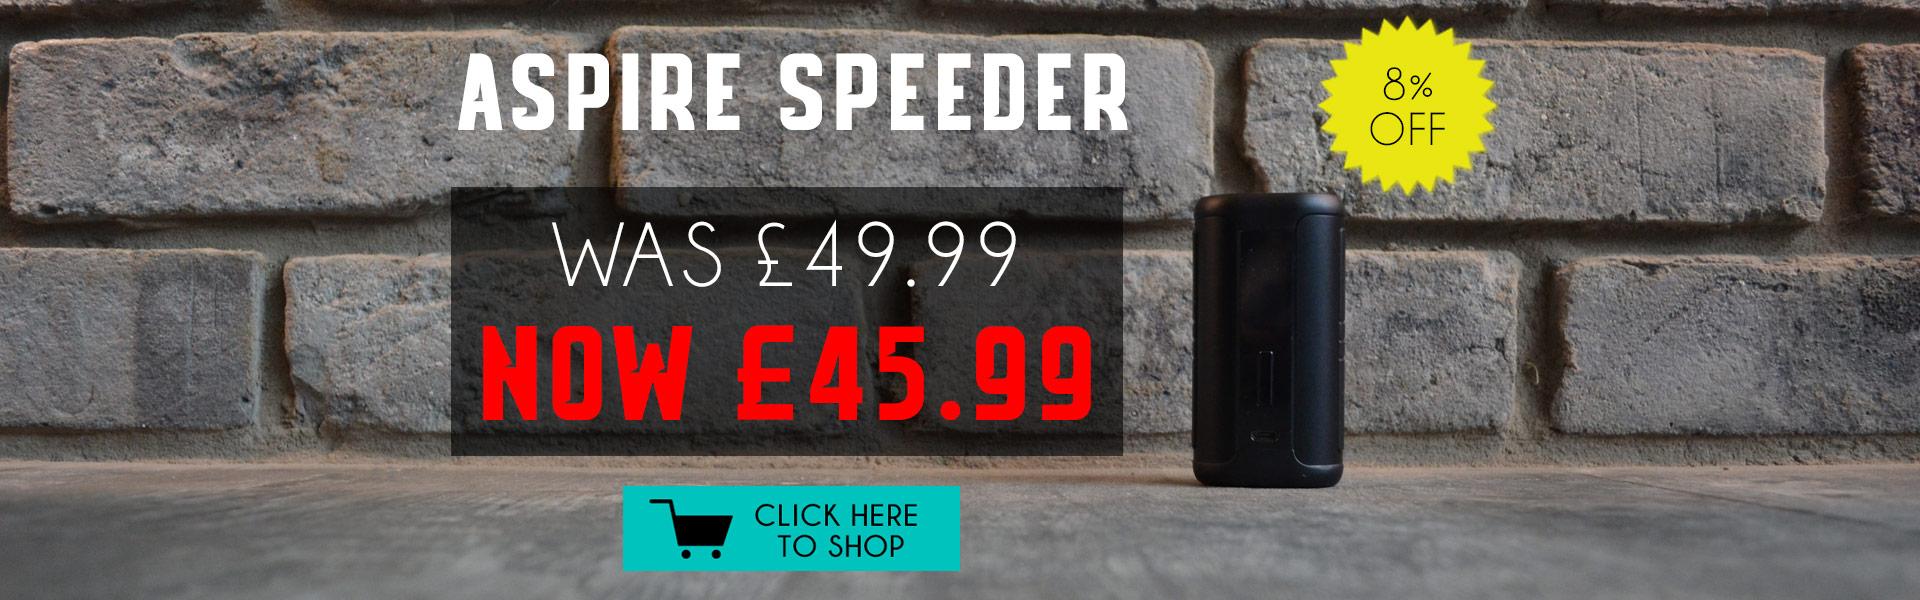 Aspire Speeder 200w